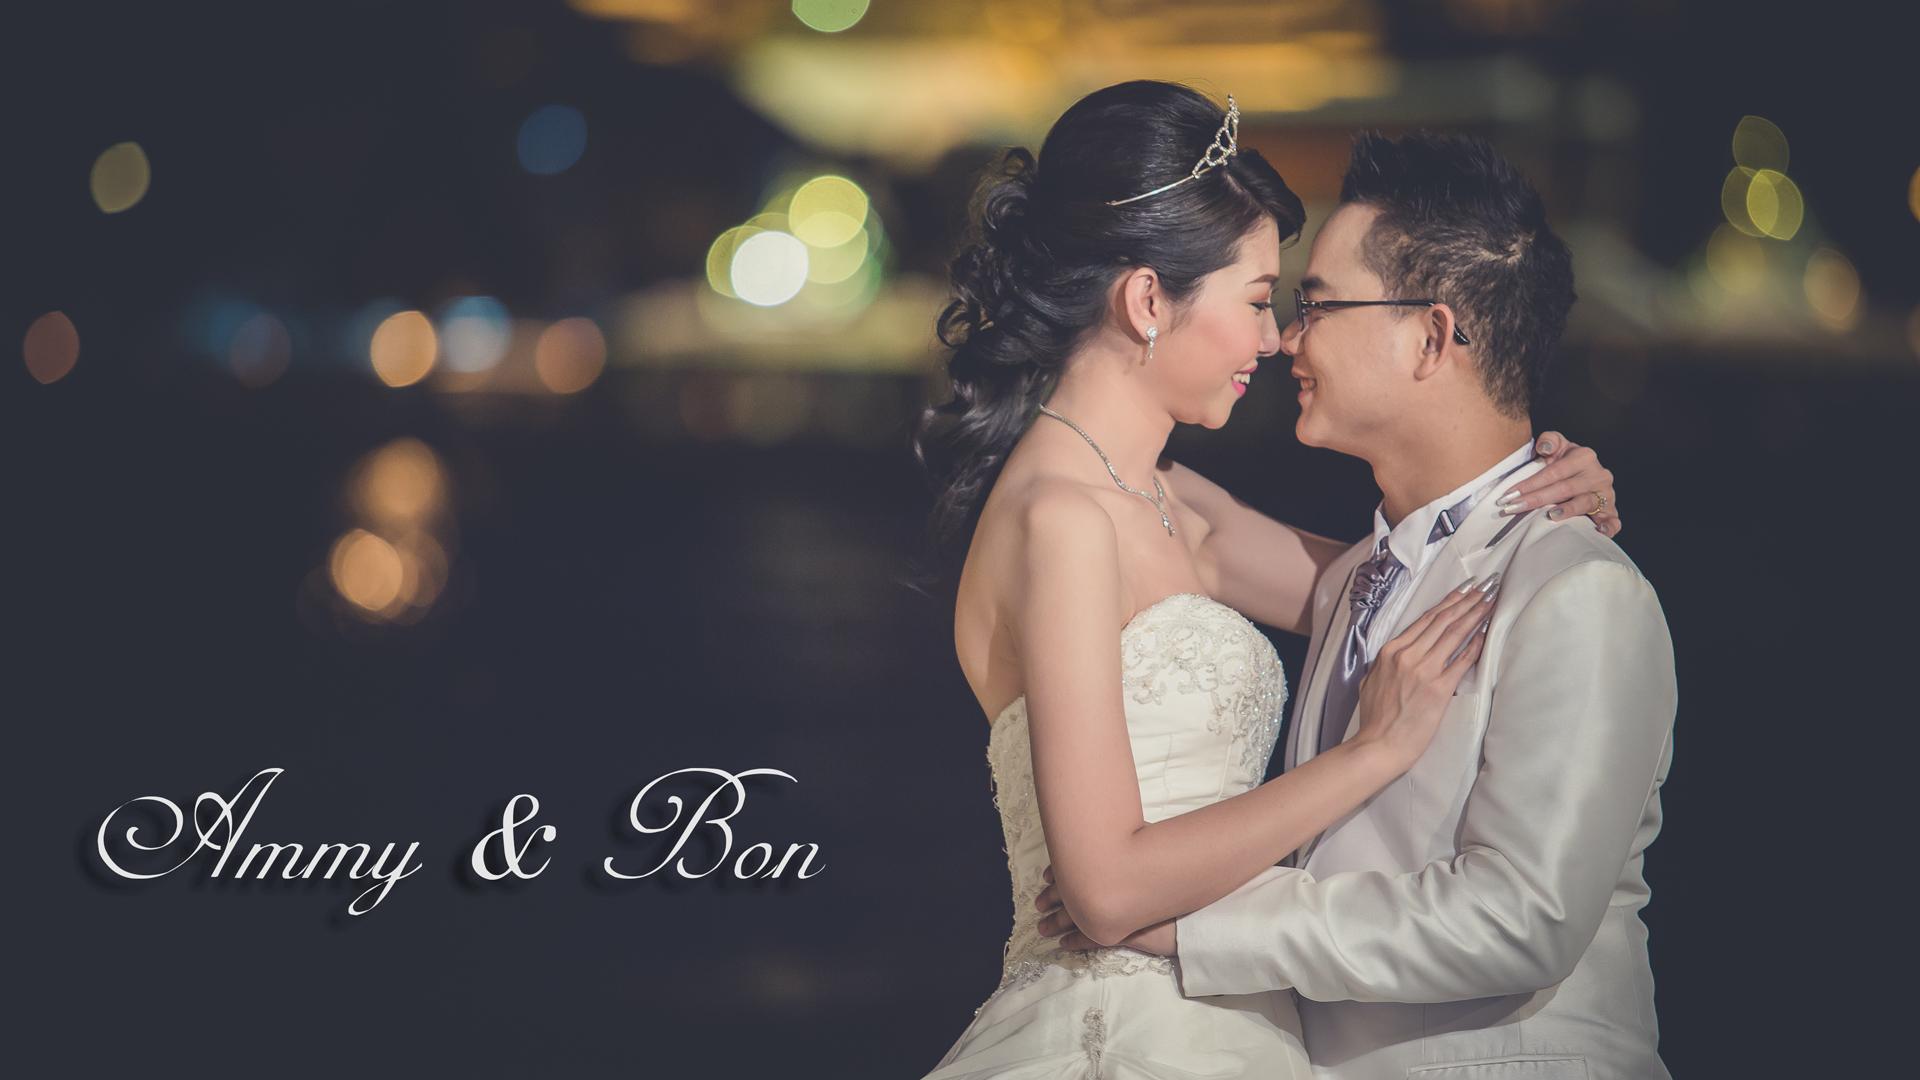 ถ่ายวีดีโอ MVแต่งงาน Wedding Cinema : Ammy & Bon  08 2255 7771